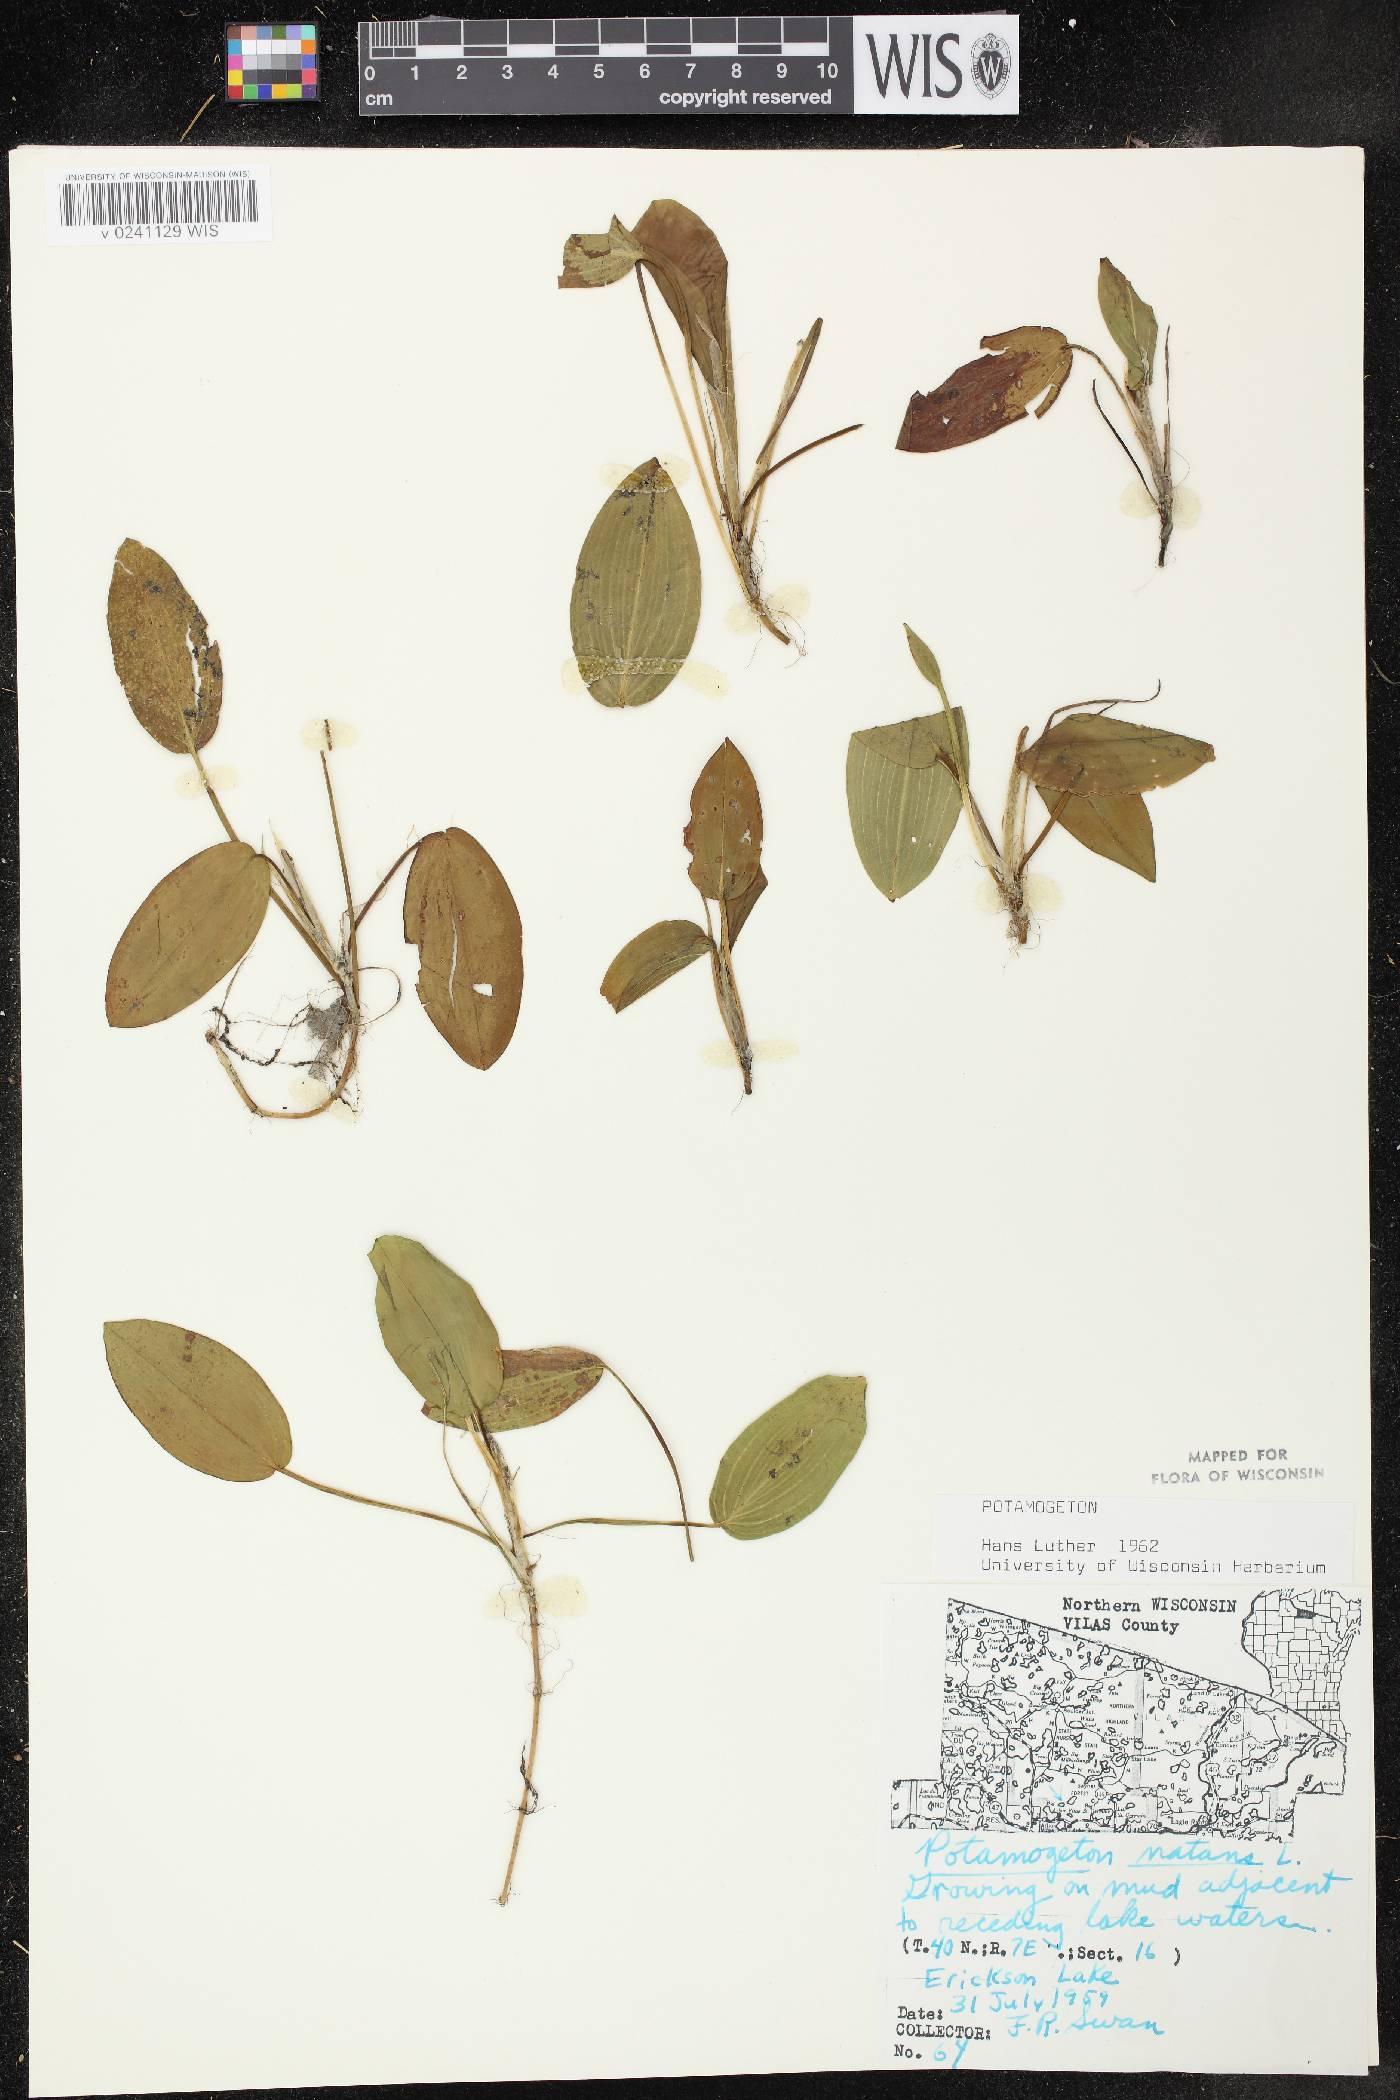 Potamogeton natans image